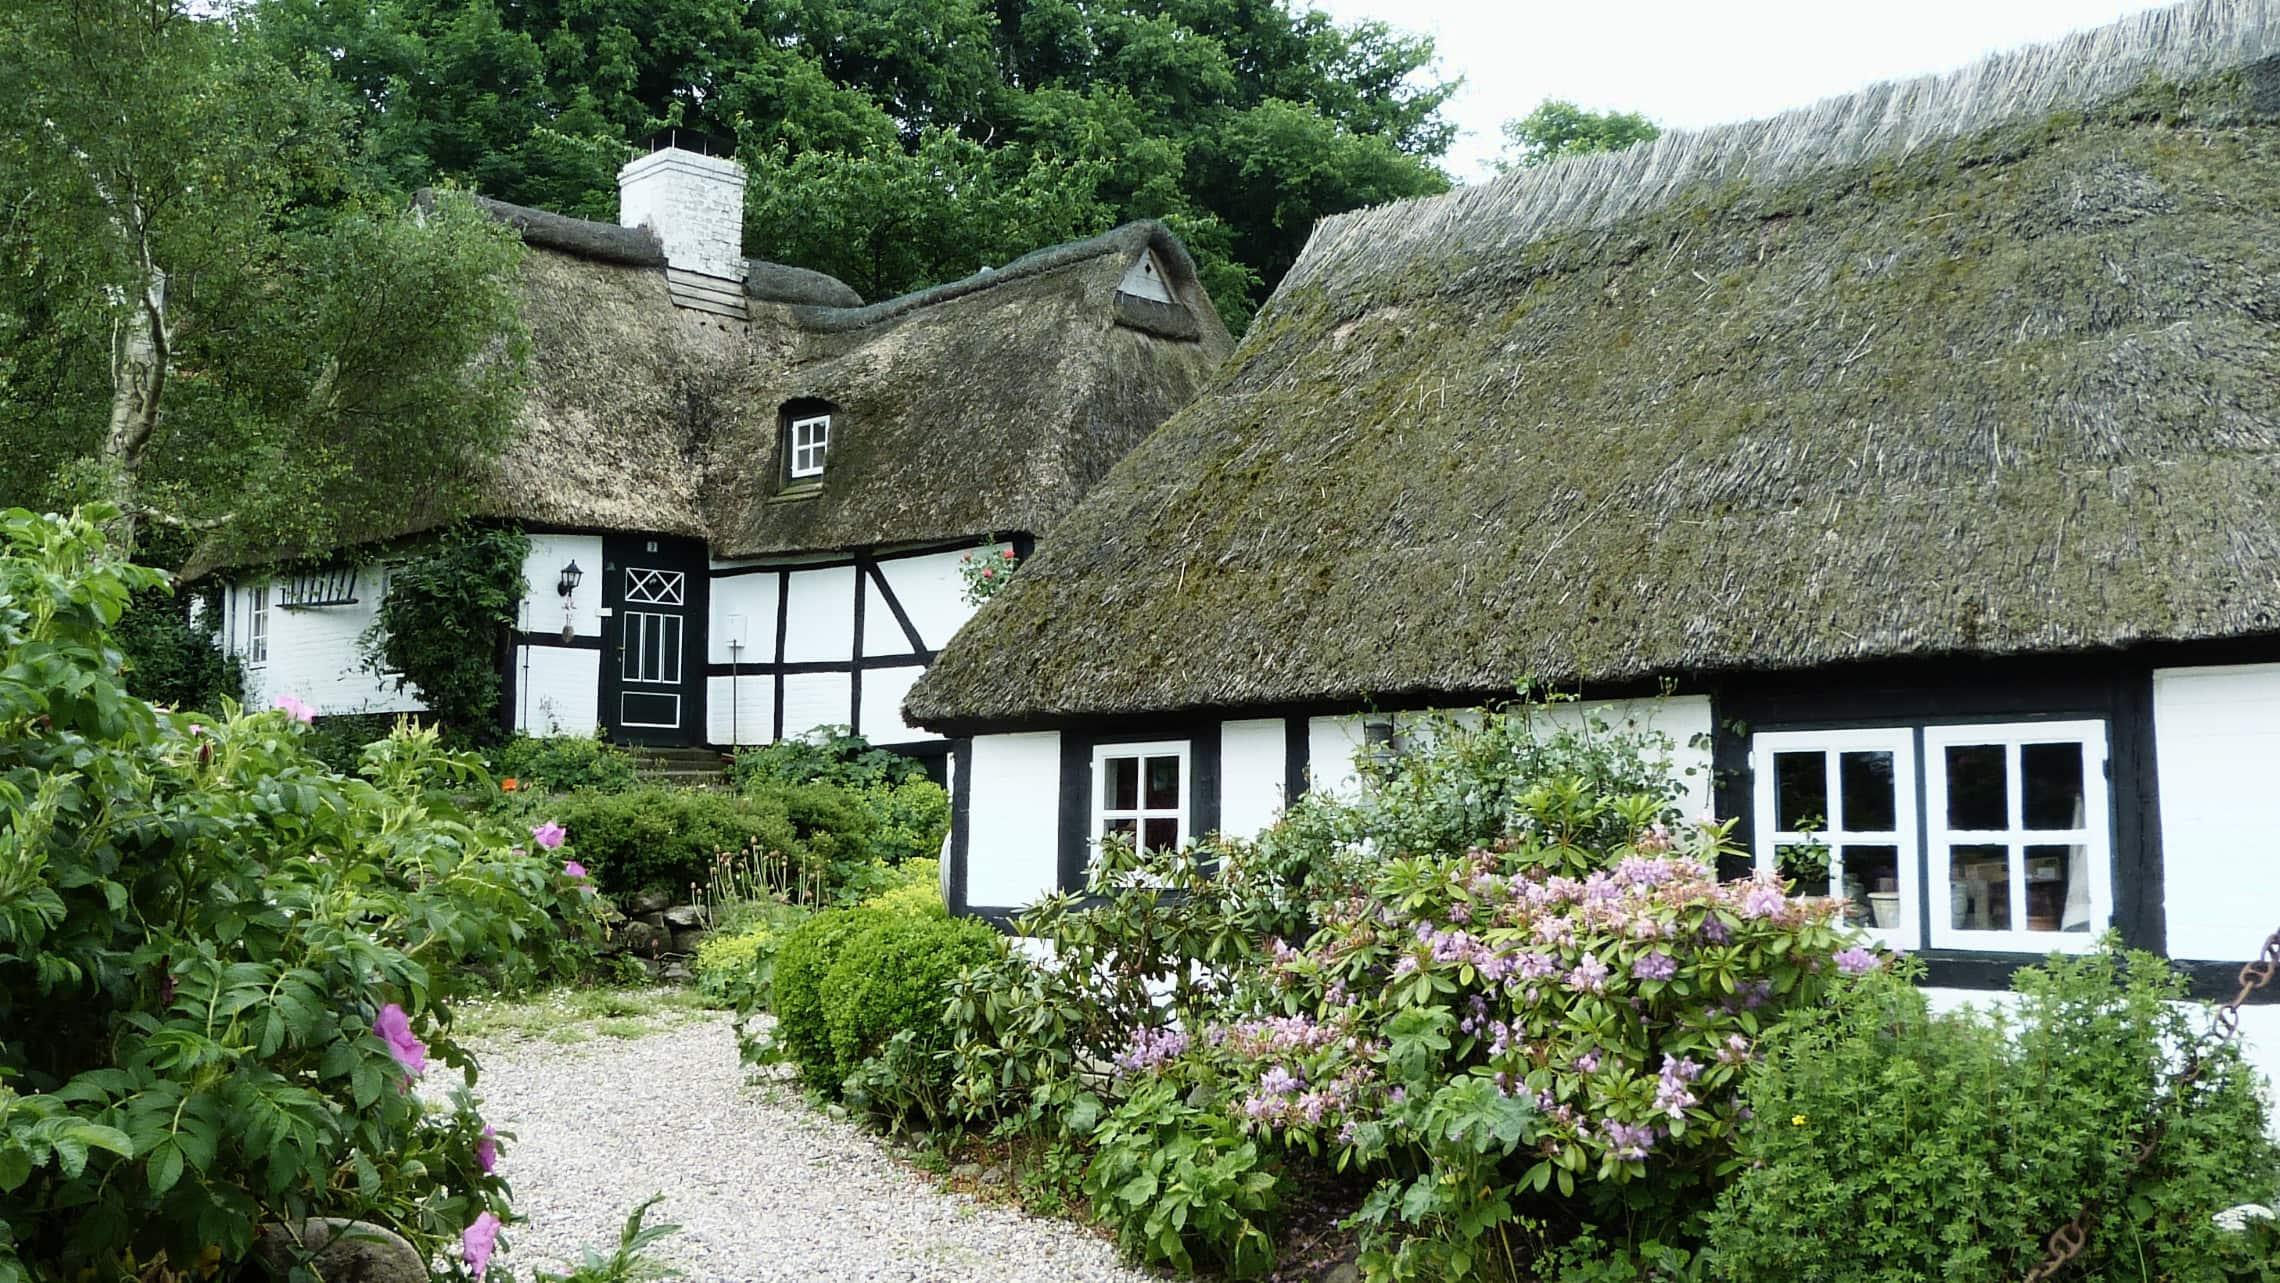 Sieseby gilt mit seinen Reetdachhäusern als schönster Ort in Schleswig-Holstein.